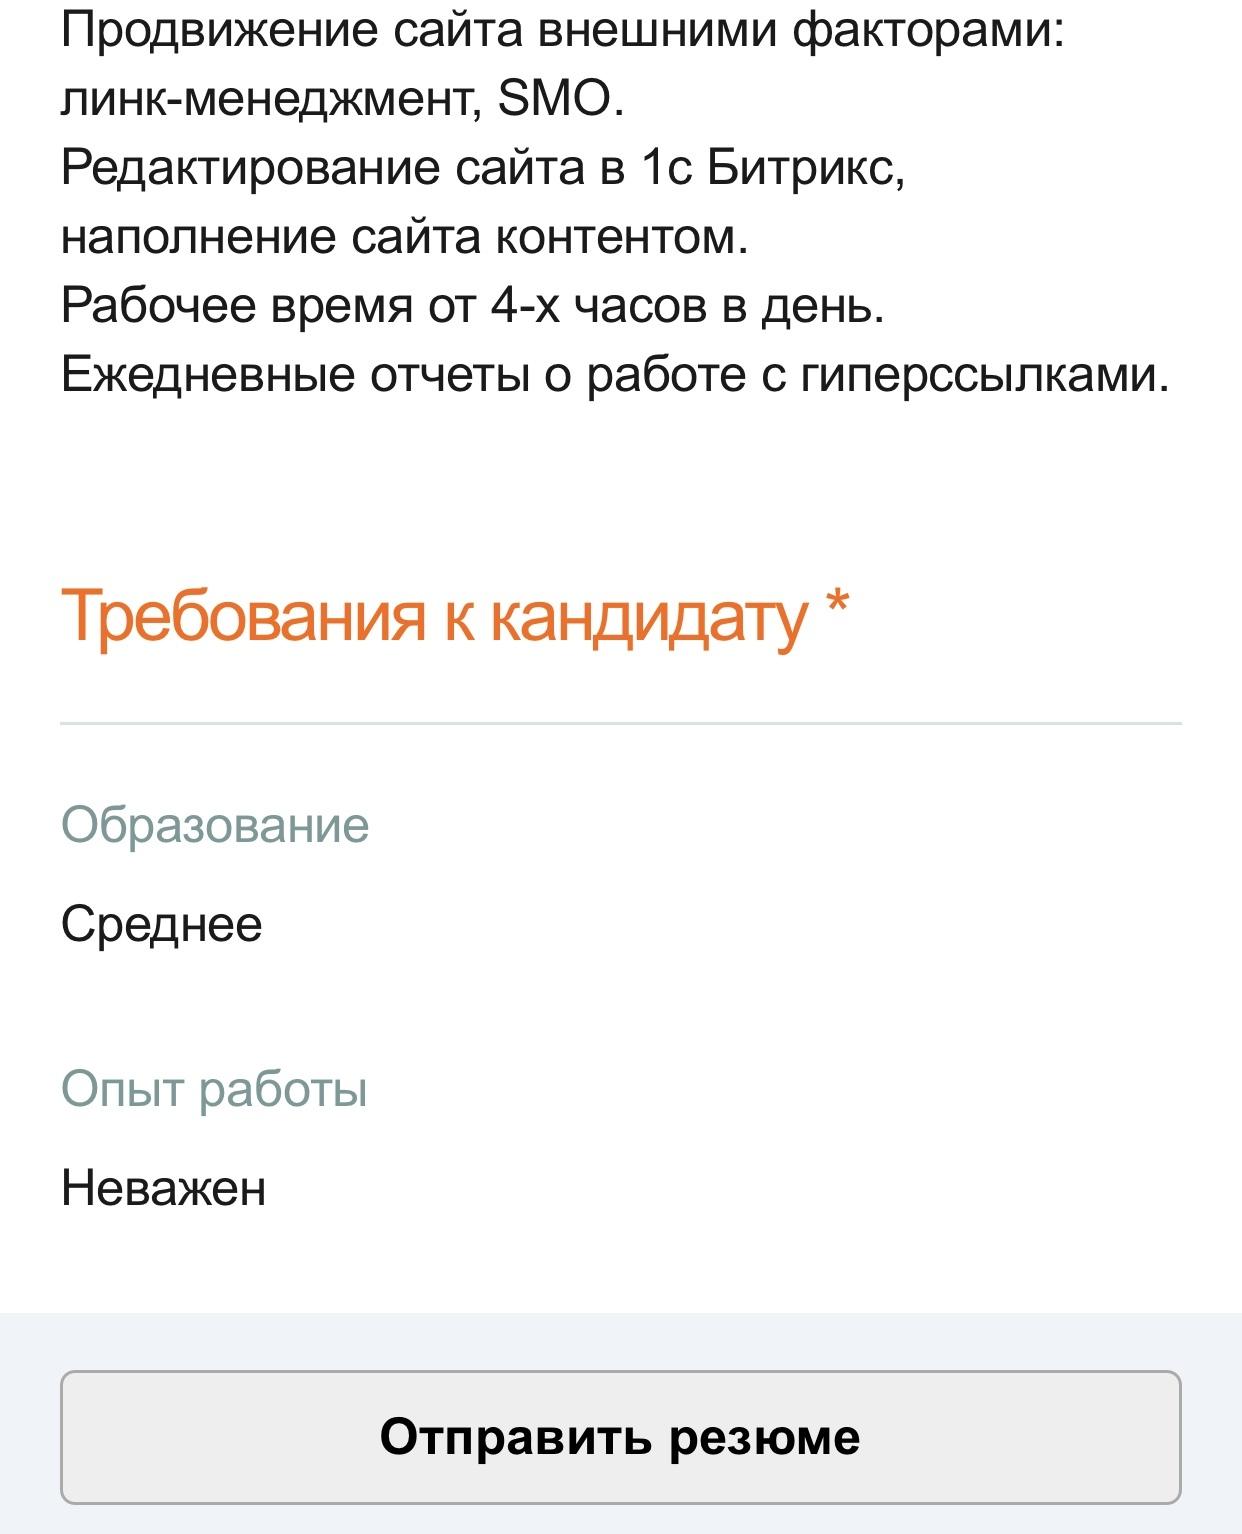 Работа в вебчате юрьев польский сайт работа девушкам